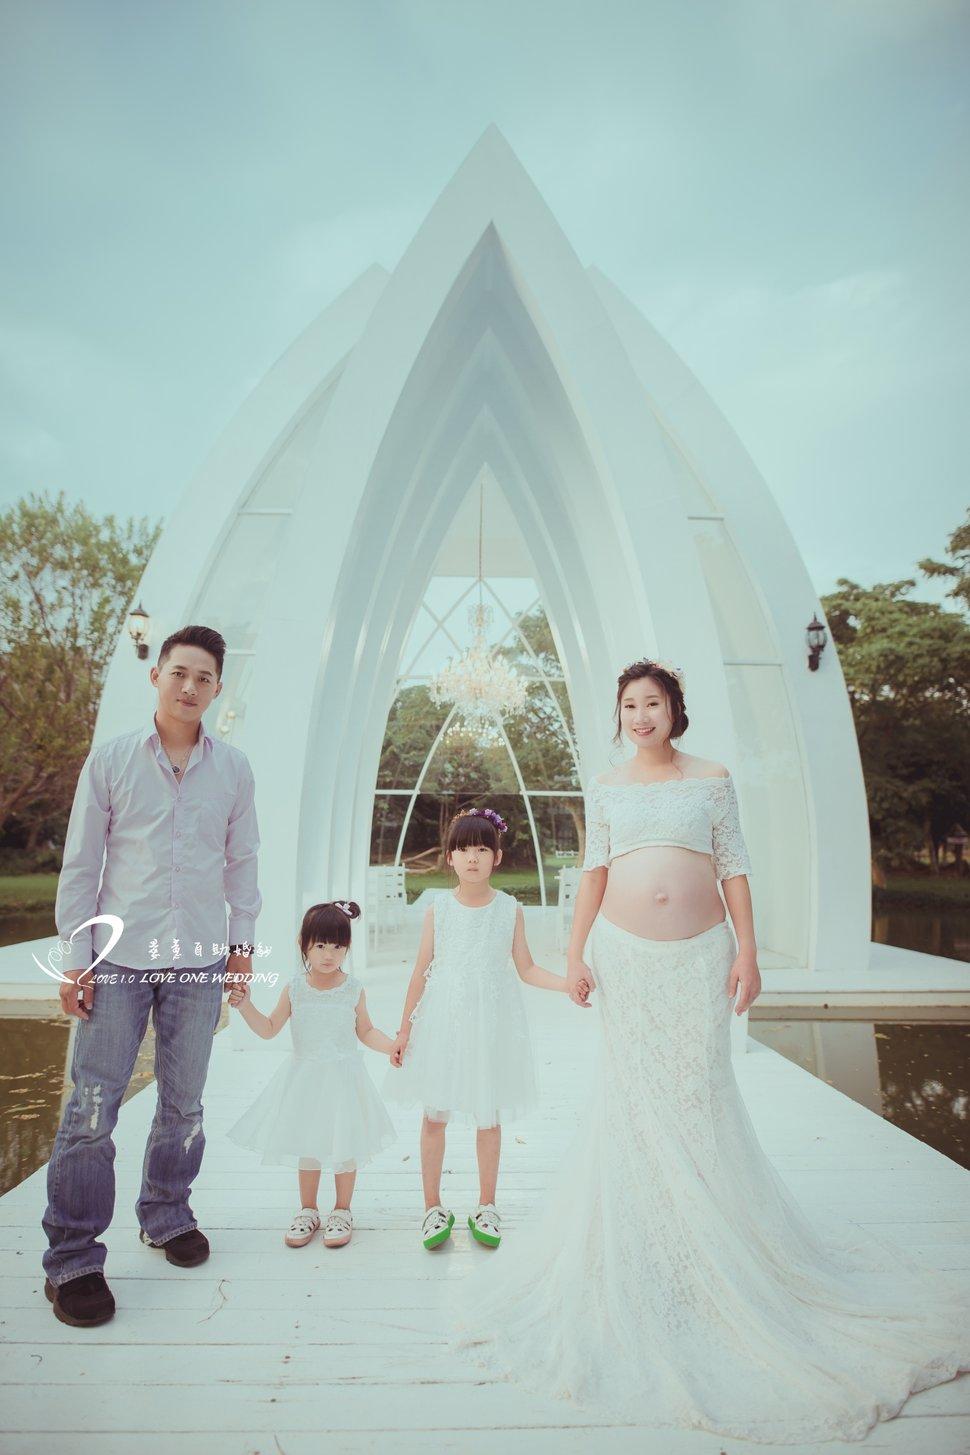 愛意孕婦寫真X全家福親子照推薦32 - 高雄婚紗愛意婚紗攝影工作室《結婚吧》